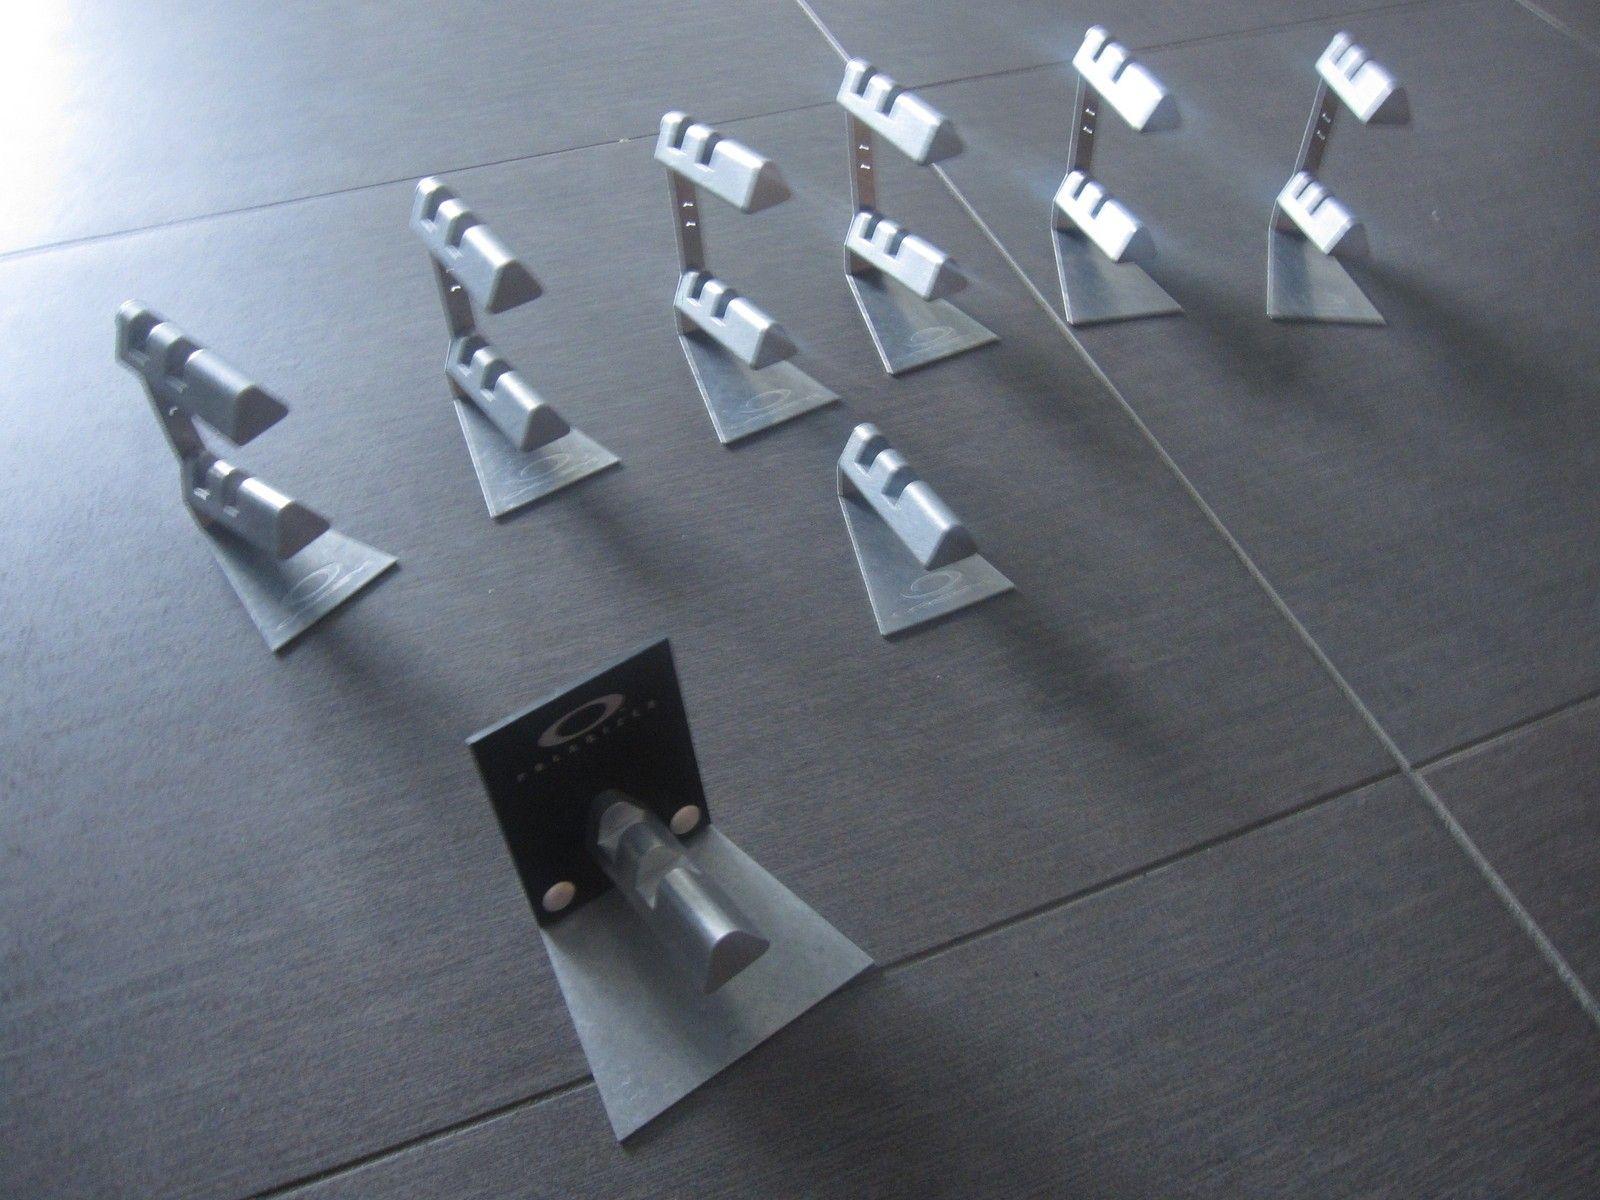 Xmetal display stands - 1 tier & 2 Tier - IMG_2631.JPG